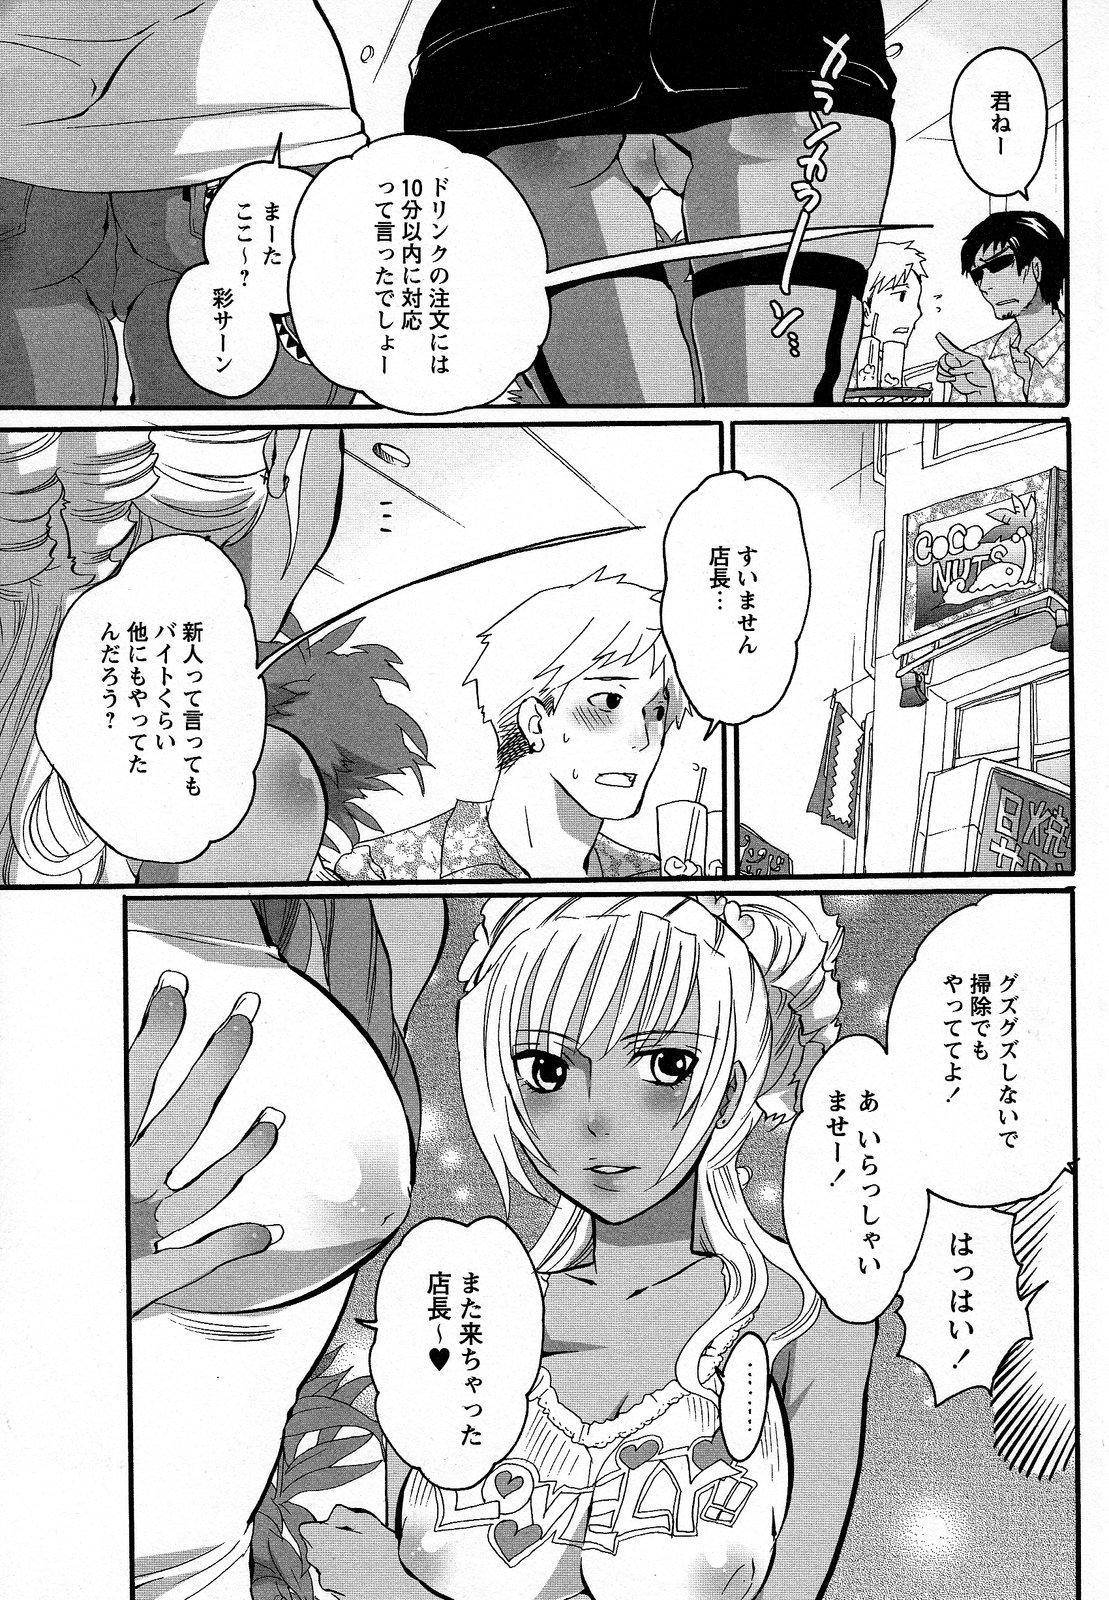 Boku ga Onee-sama no Mesu Dorei ni Narutoki 112